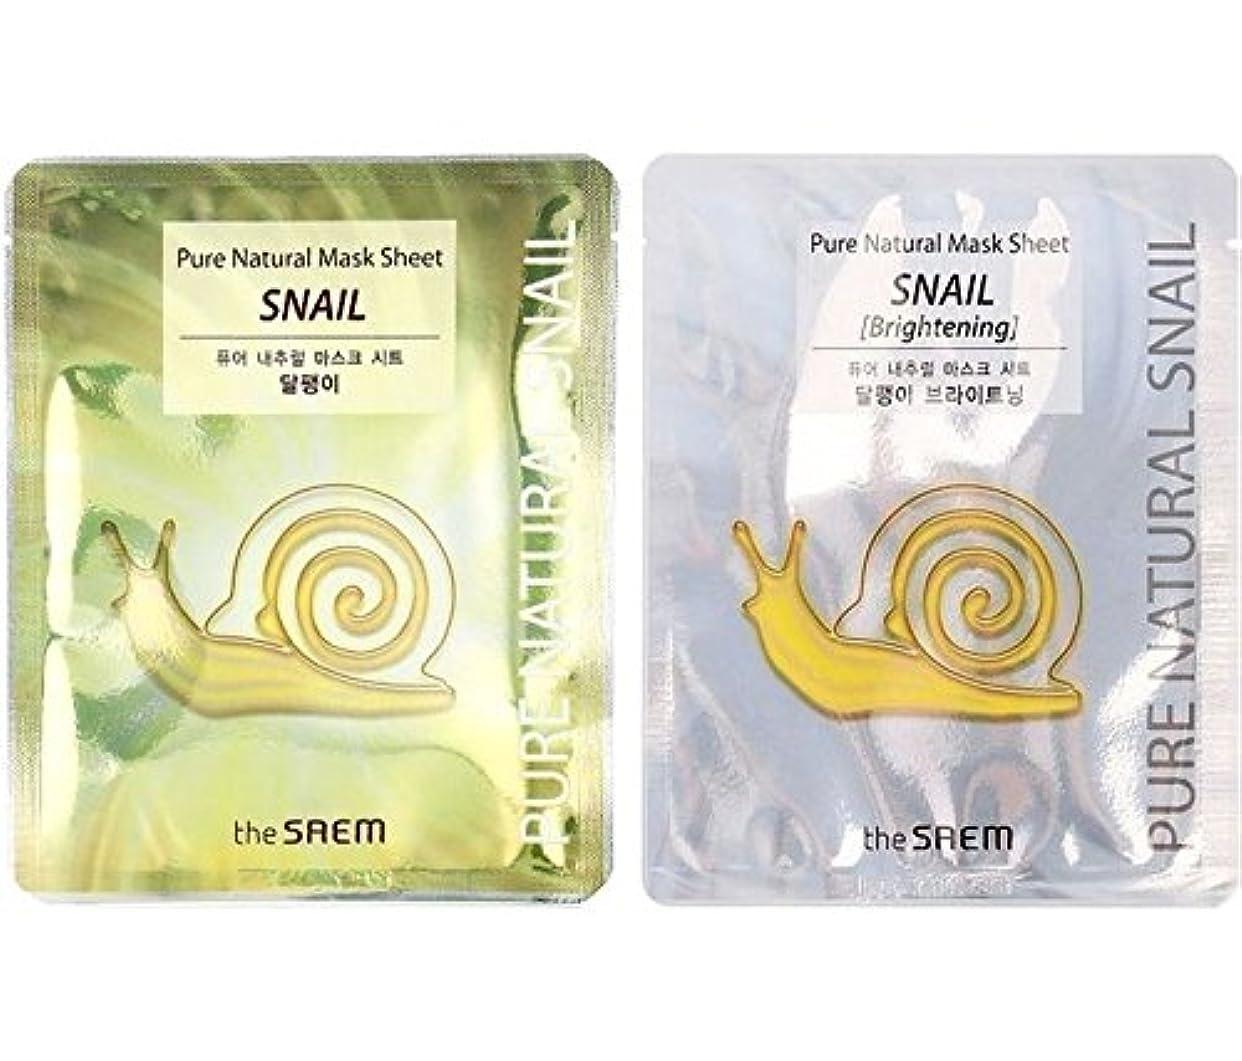 謎めいた共和党一(ザセム) The Saem 韓国マスクパックカタツムリ20枚セット(10+10) ピュアナチュラルマスクシートスネイルブライトニング Pure Natural Mask Sheet Snail Brightening...